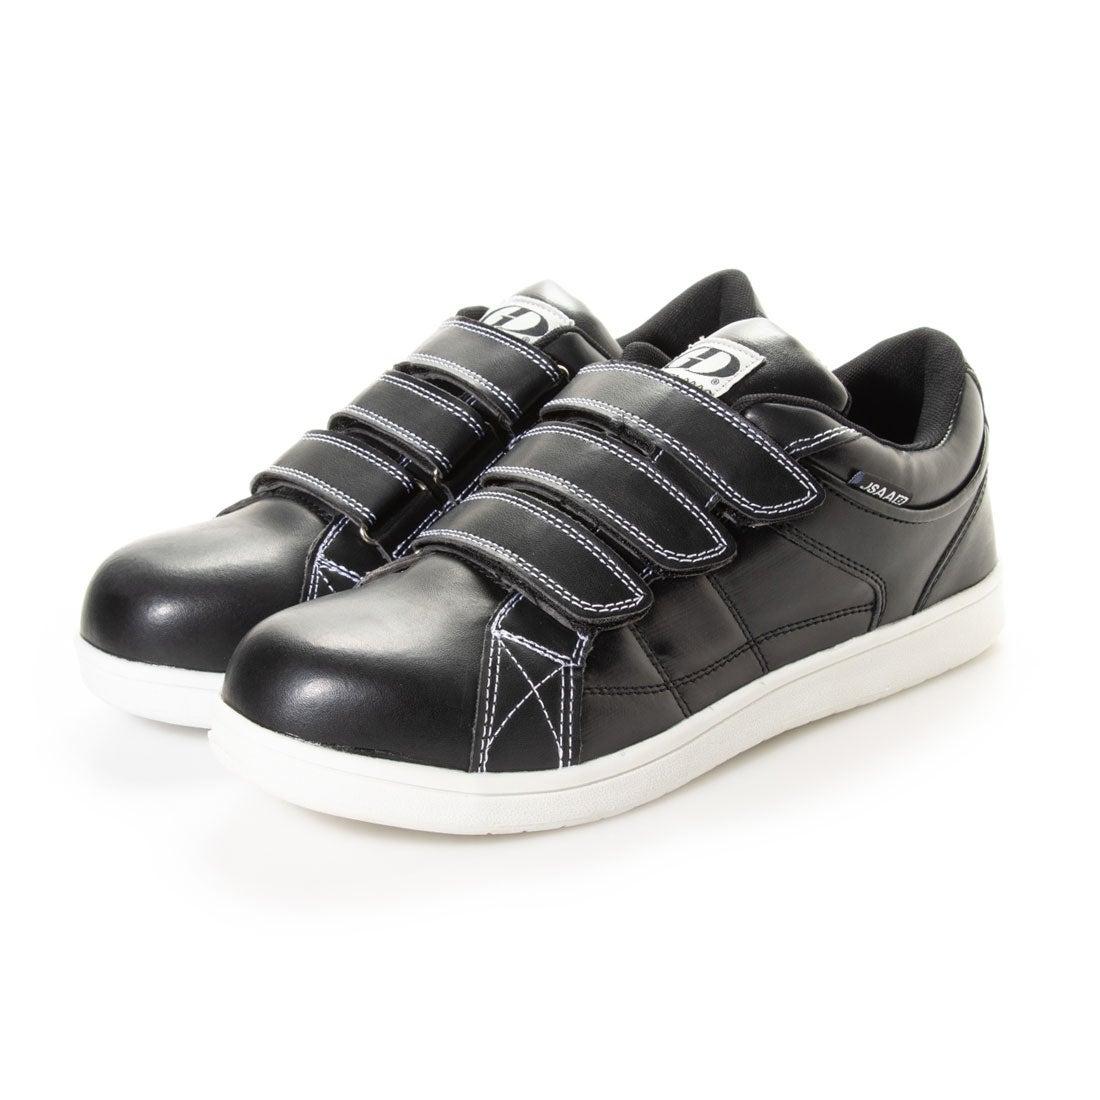 ジーディージャパン GD JAPAN 安全靴 セーフティーシューズ 鋼鉄先芯 ローカット 軽量 GD-732 ブラック (ブラック)